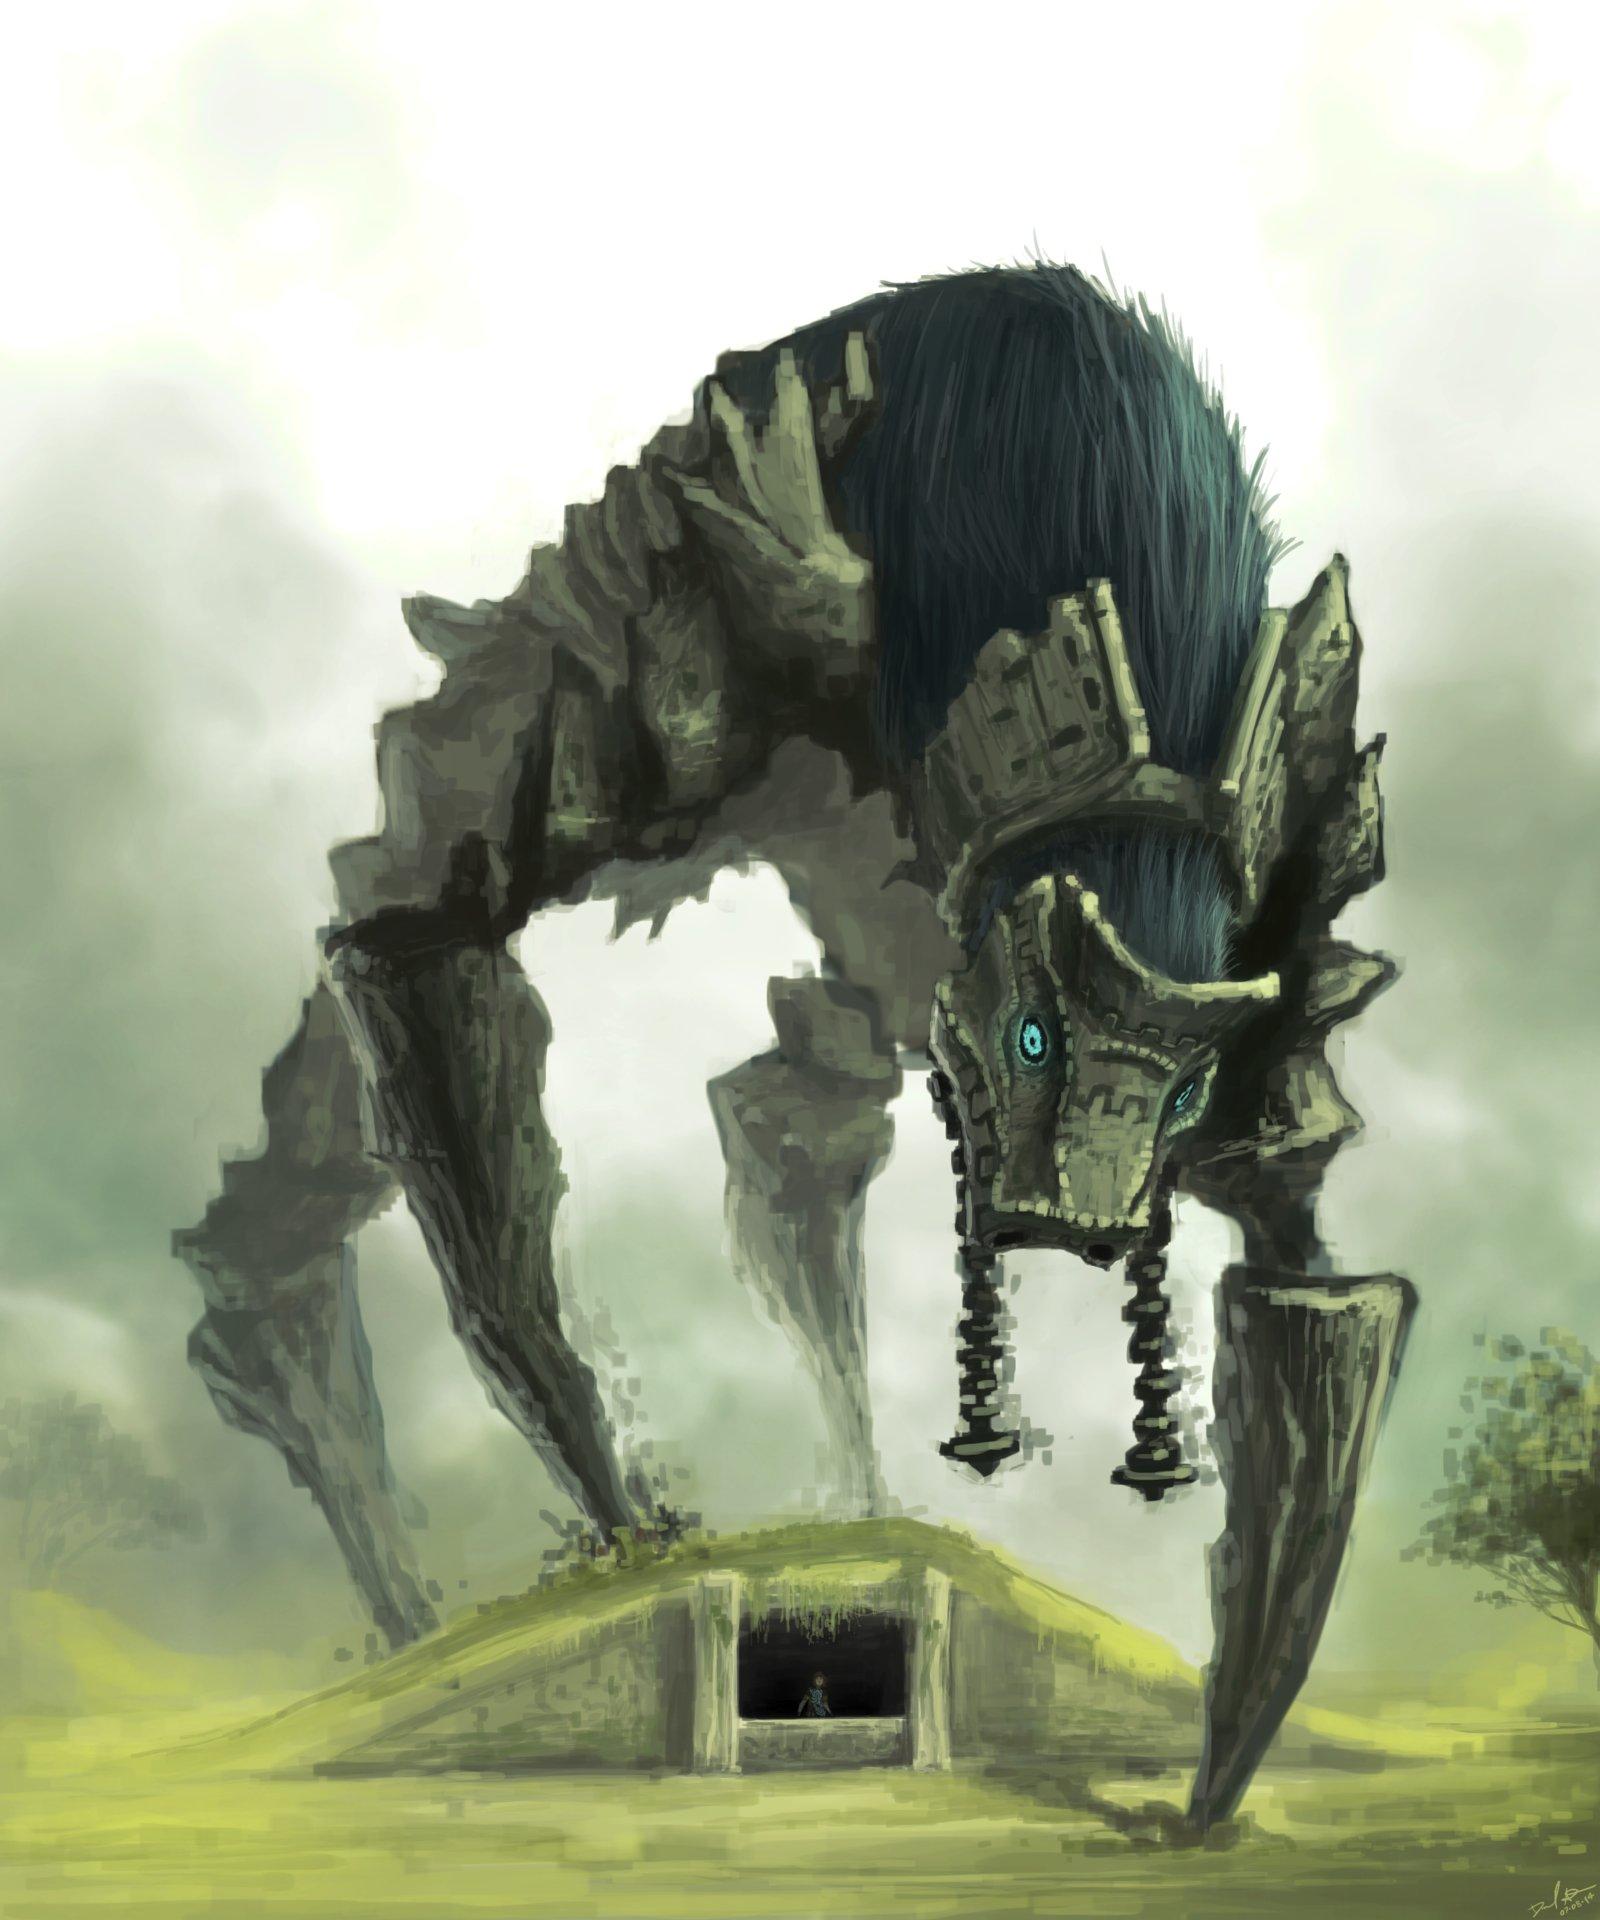 Daniel aubert colossus 4 phaedra